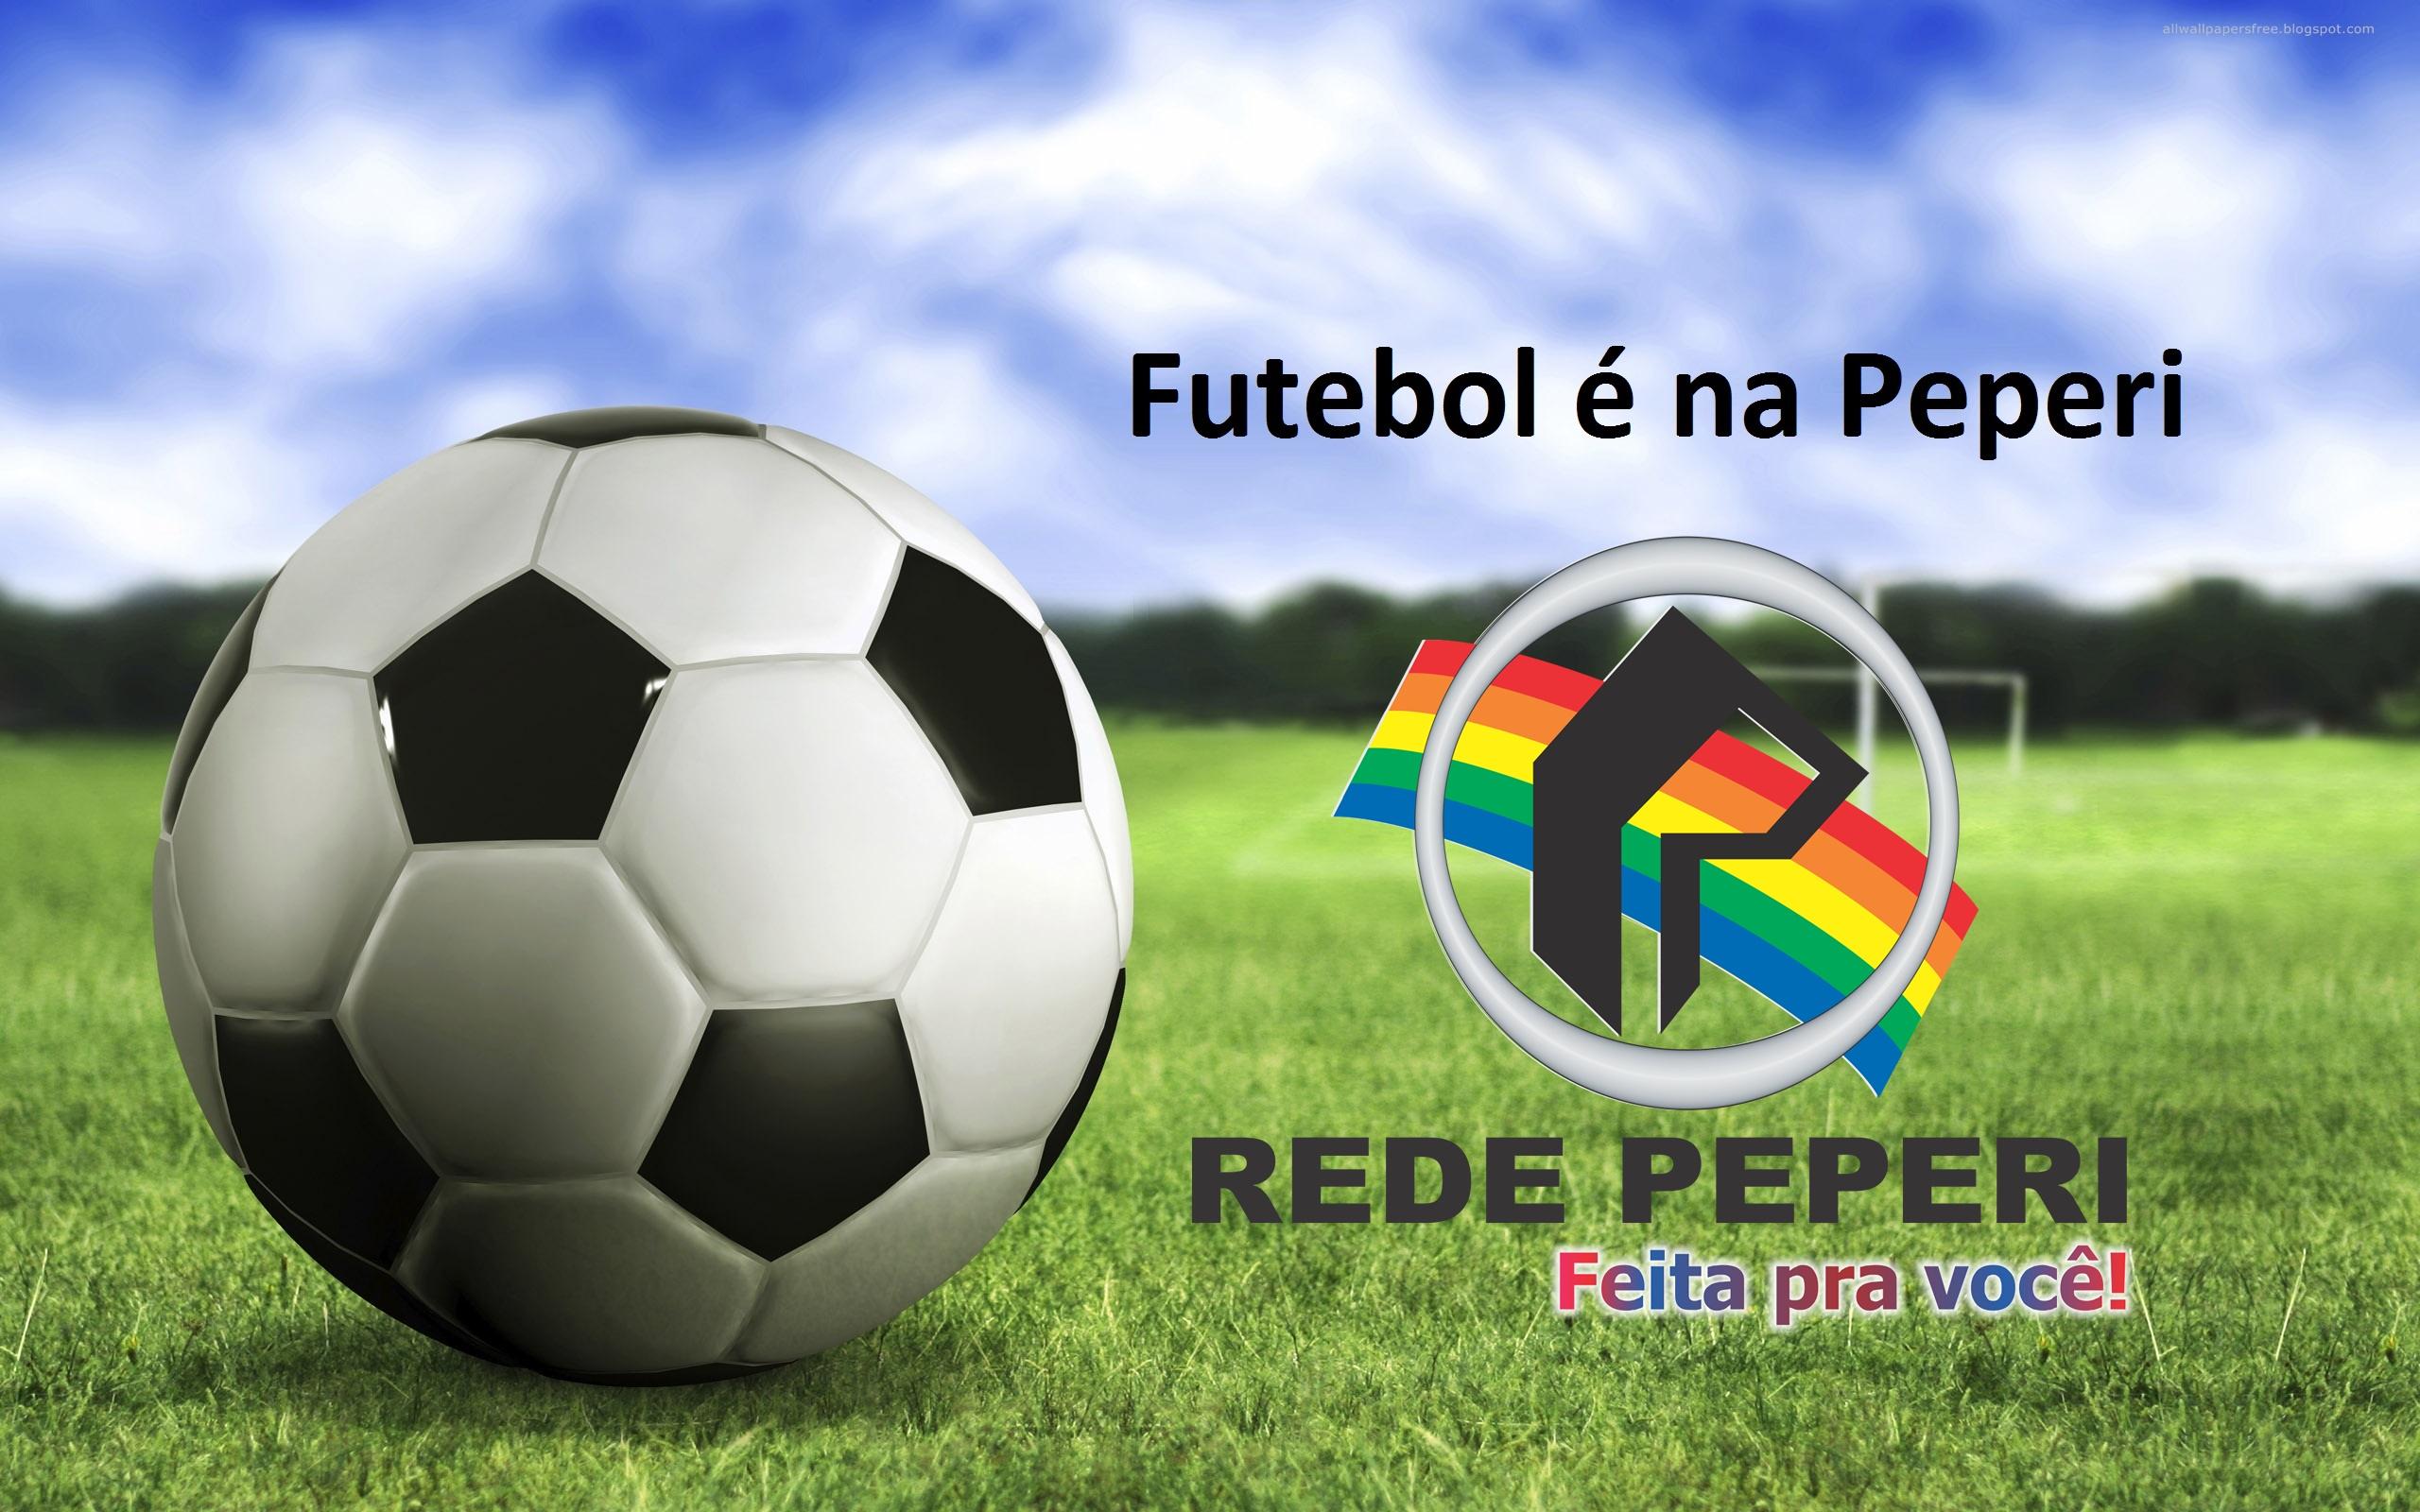 Grêmio União e Guarani se enfrentam em duelo pela 3ª rodada do Estadual